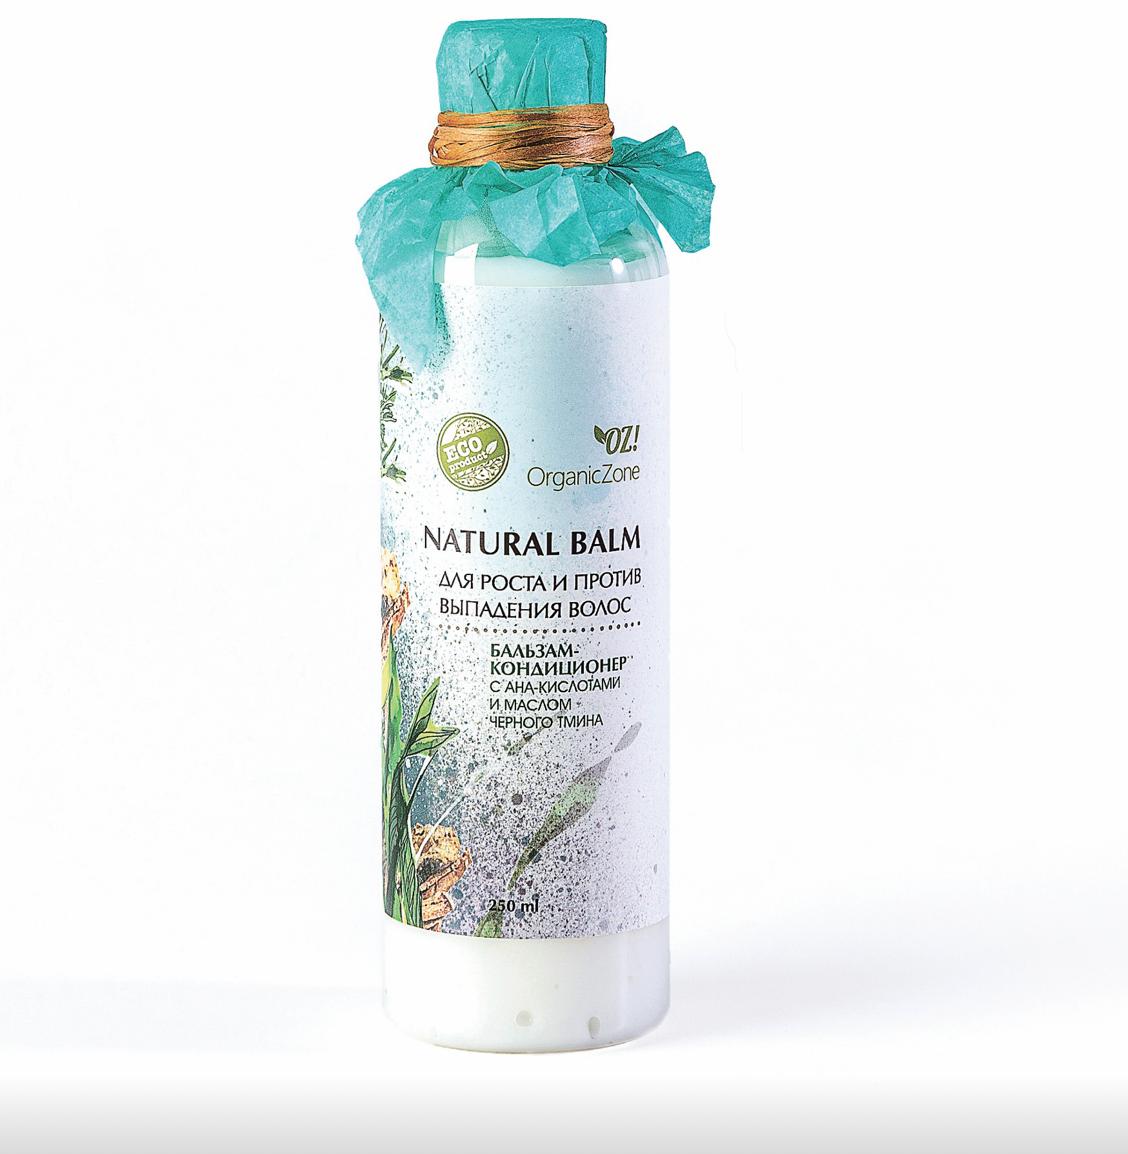 """Бальзам """"Для роста и против выпадения волос"""" с AHA-кислотами Organic Zone."""